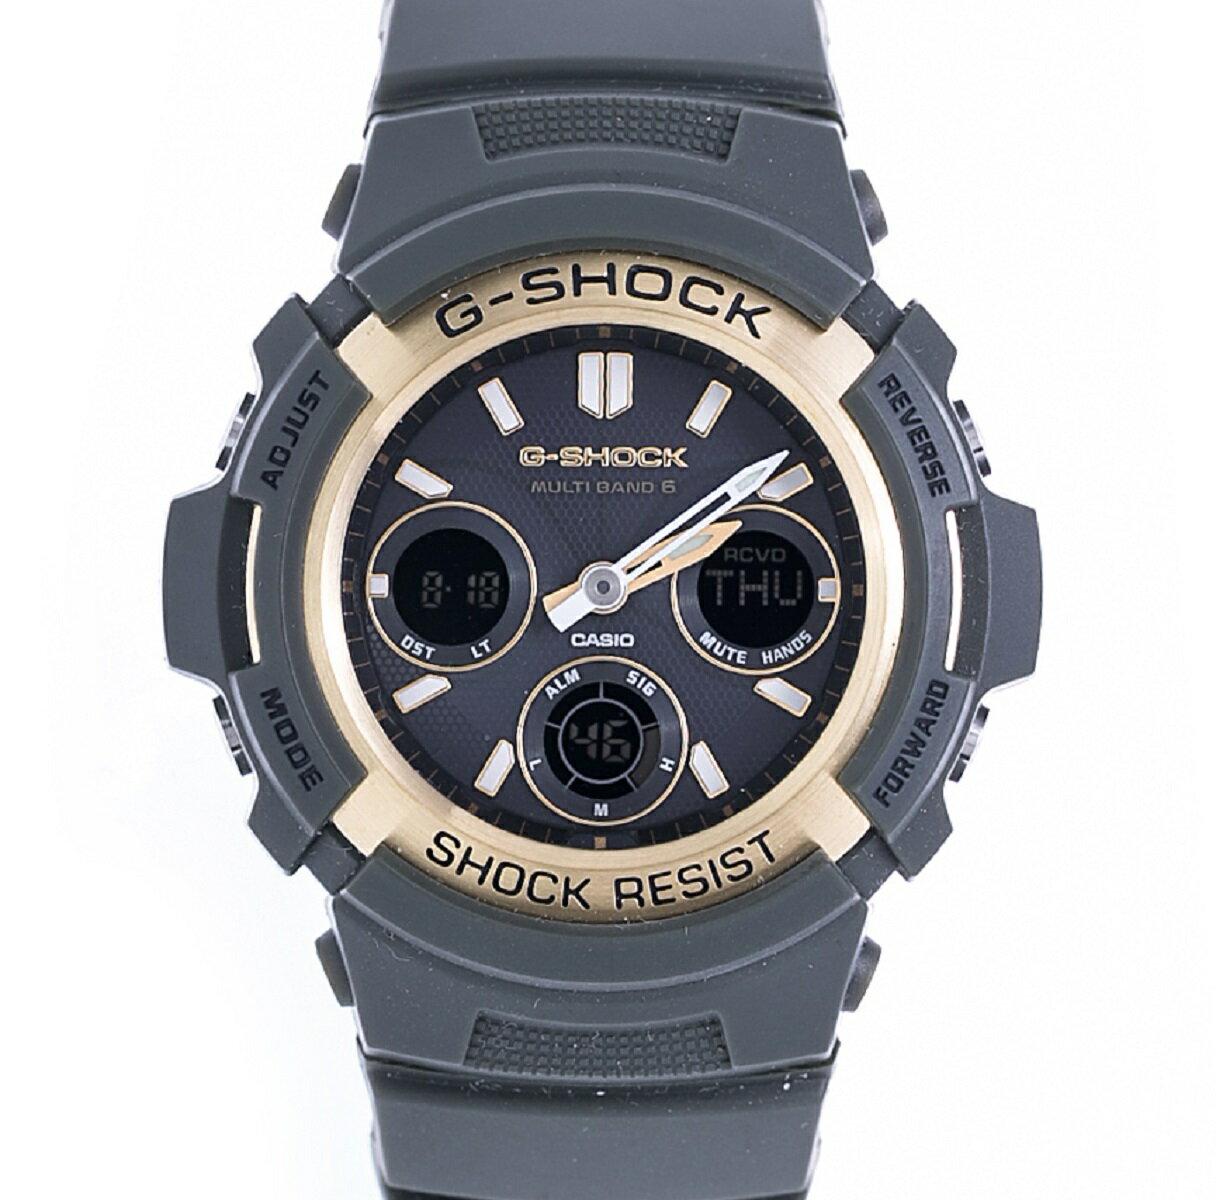 カシオ CASIO G-SHOCK AWG-M100A-3AJF マルチバンド6 ソーラー電波時計 ラバー Rb 2012年式 未使用展示品 【トレジャースポット】【】